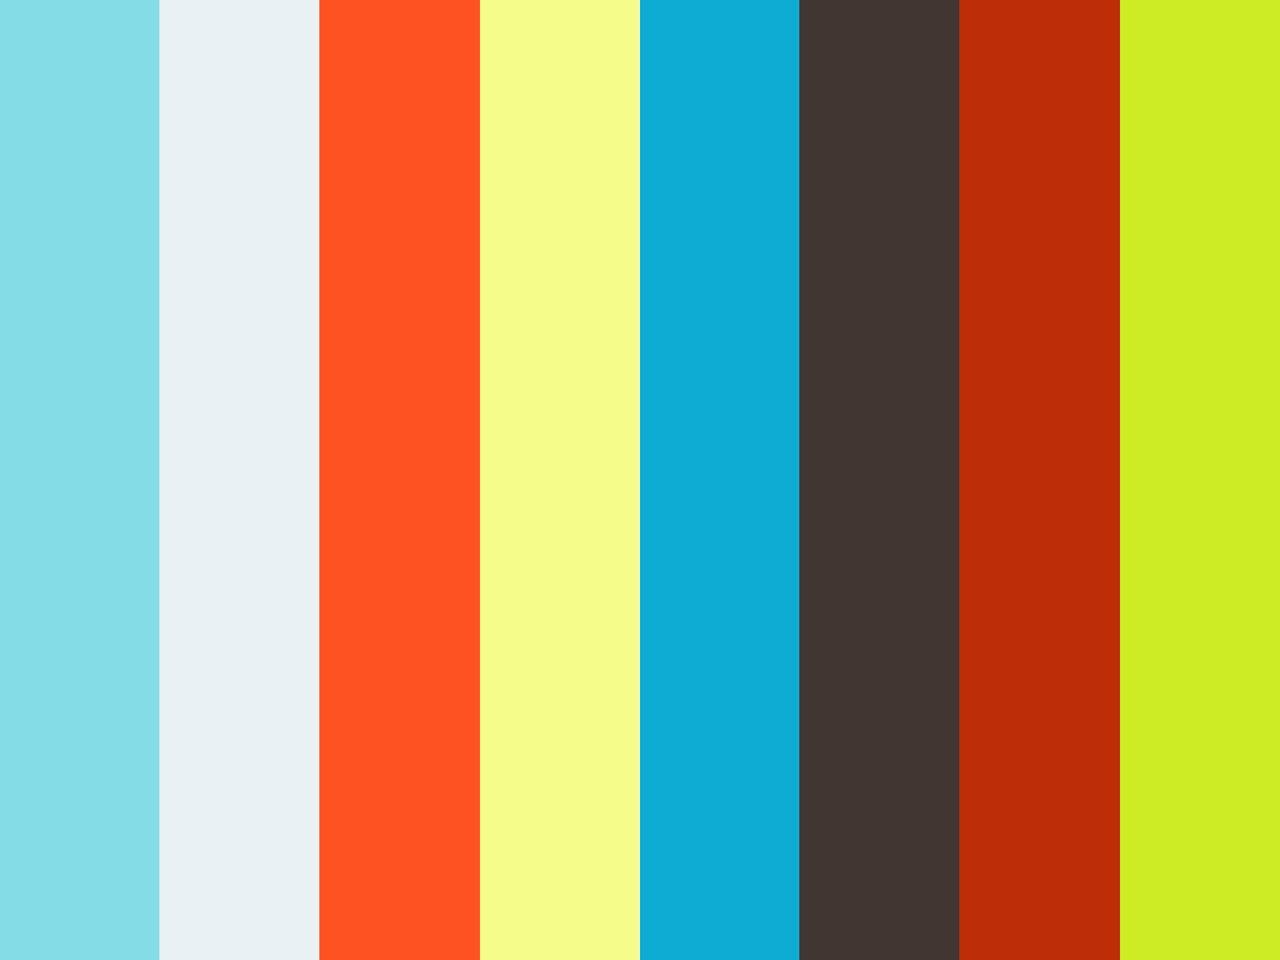 Imagem principal da aula Customização com Glitter em Fast Patch